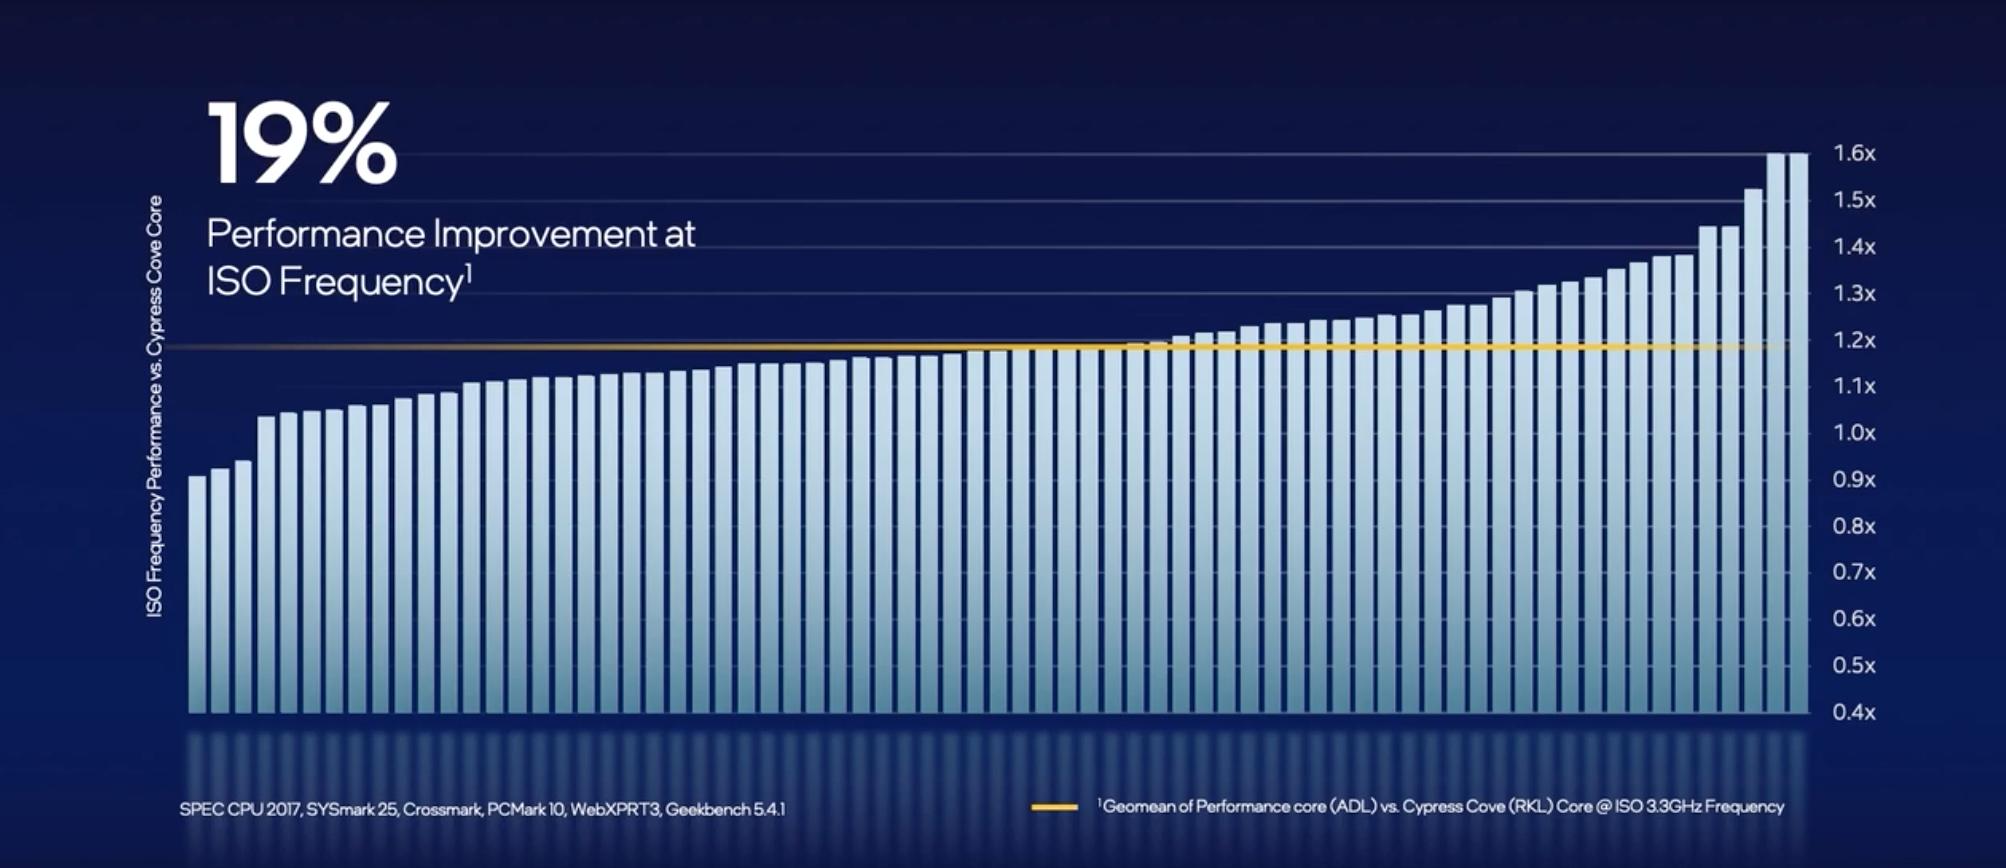 Il chip Intel mostra un miglioramento delle prestazioni del 19%.